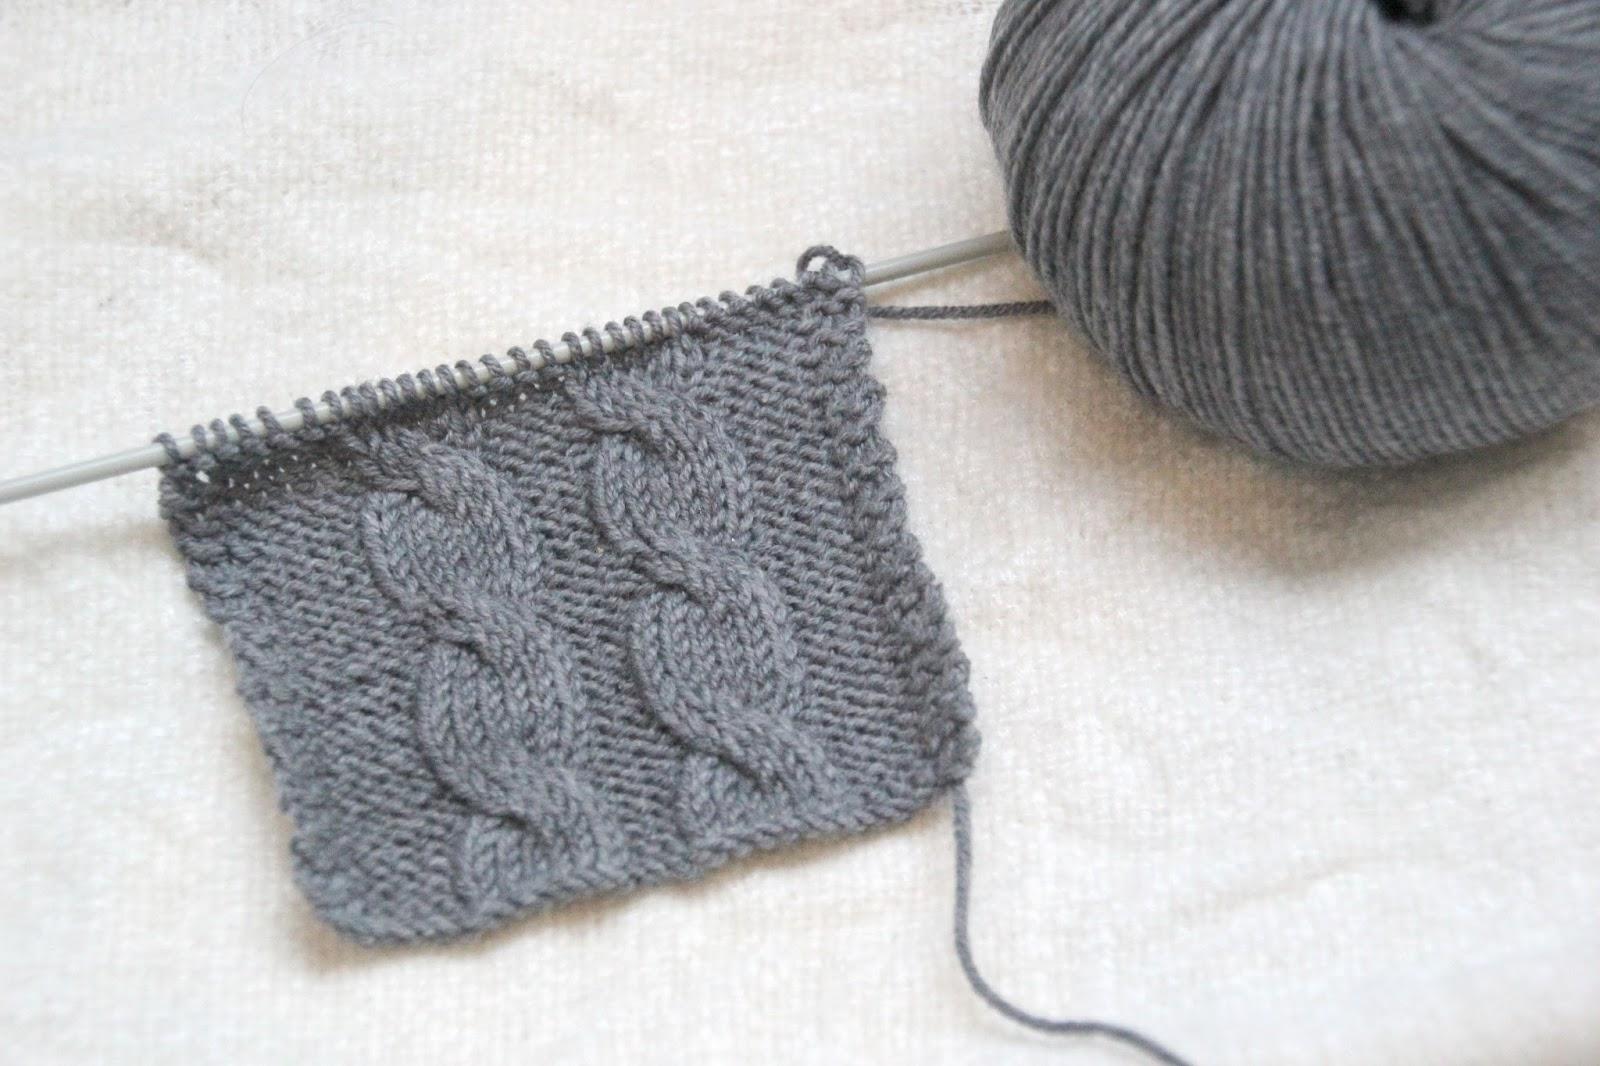 Maquina de coser buscar como hacer ochos con dos agujas - Como hacer punto de ochos a dos agujas ...